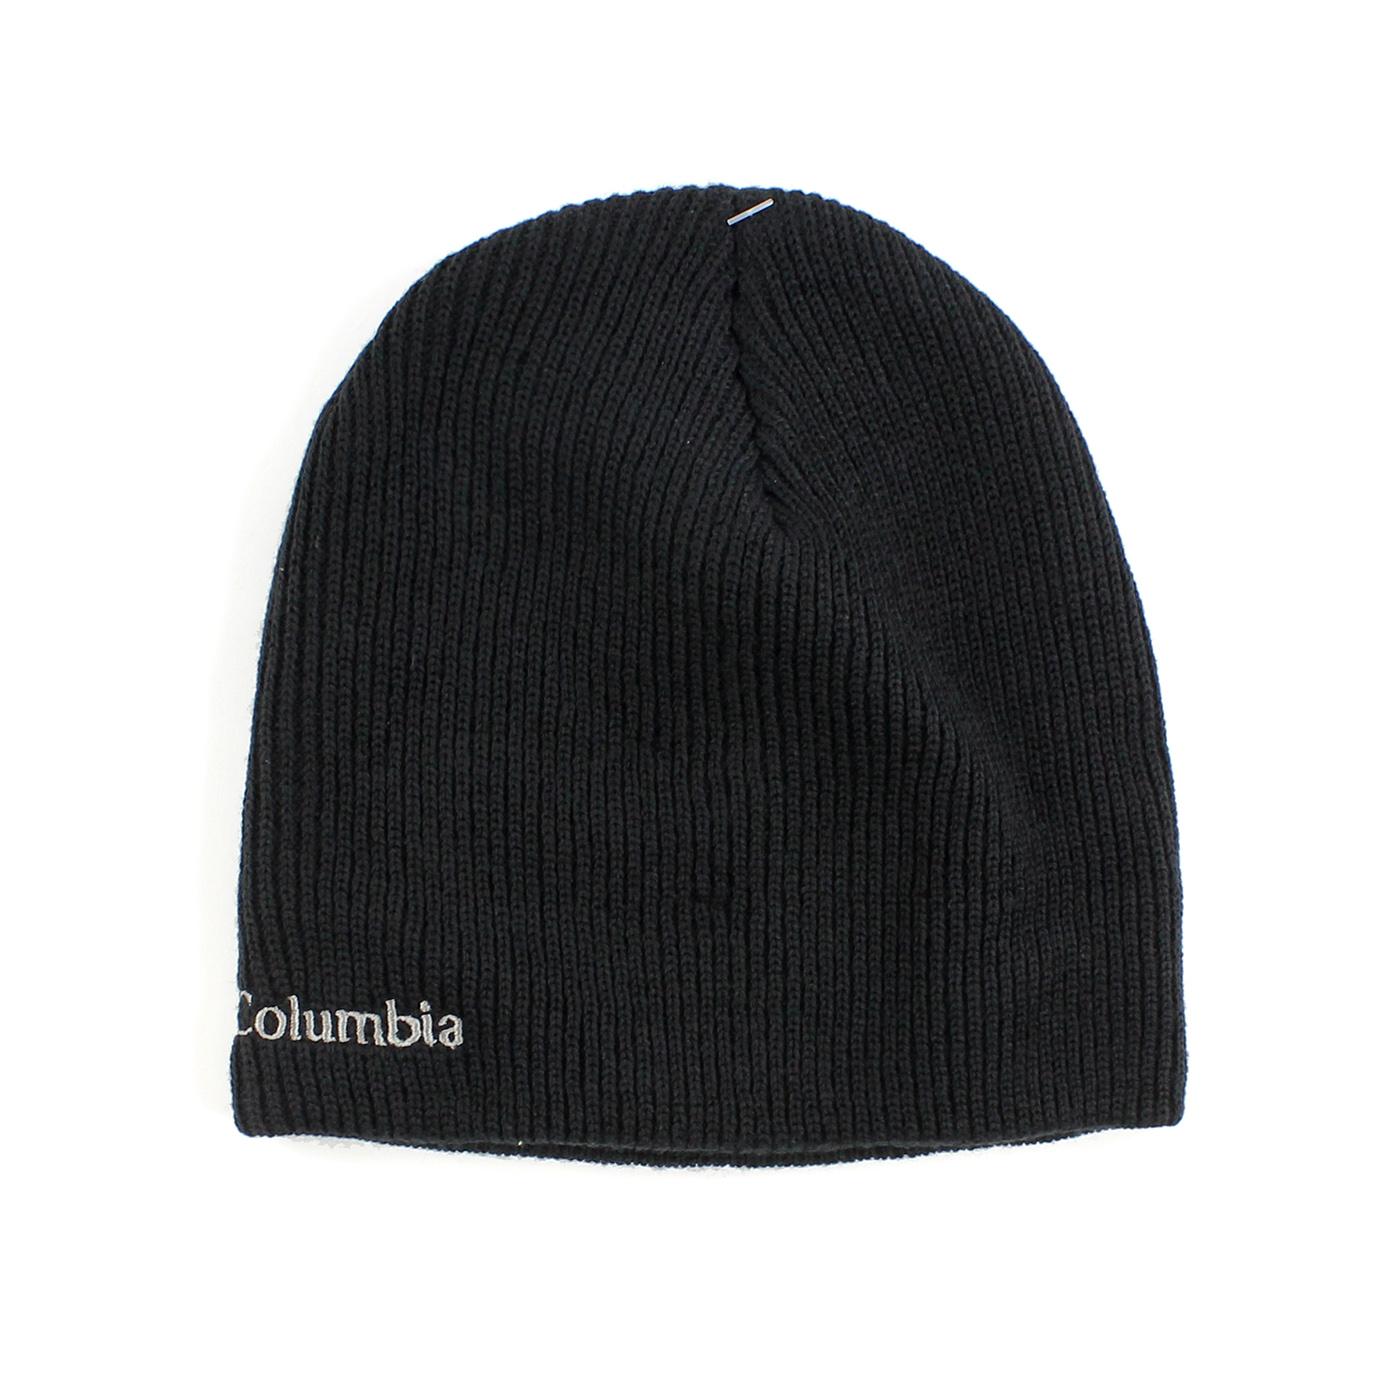 美國百分百【全新真品】Columbia 哥倫比亞 帽子 毛線帽 毛帽 針織帽 保暖 登山 戶外運動 配件 黑色 F766